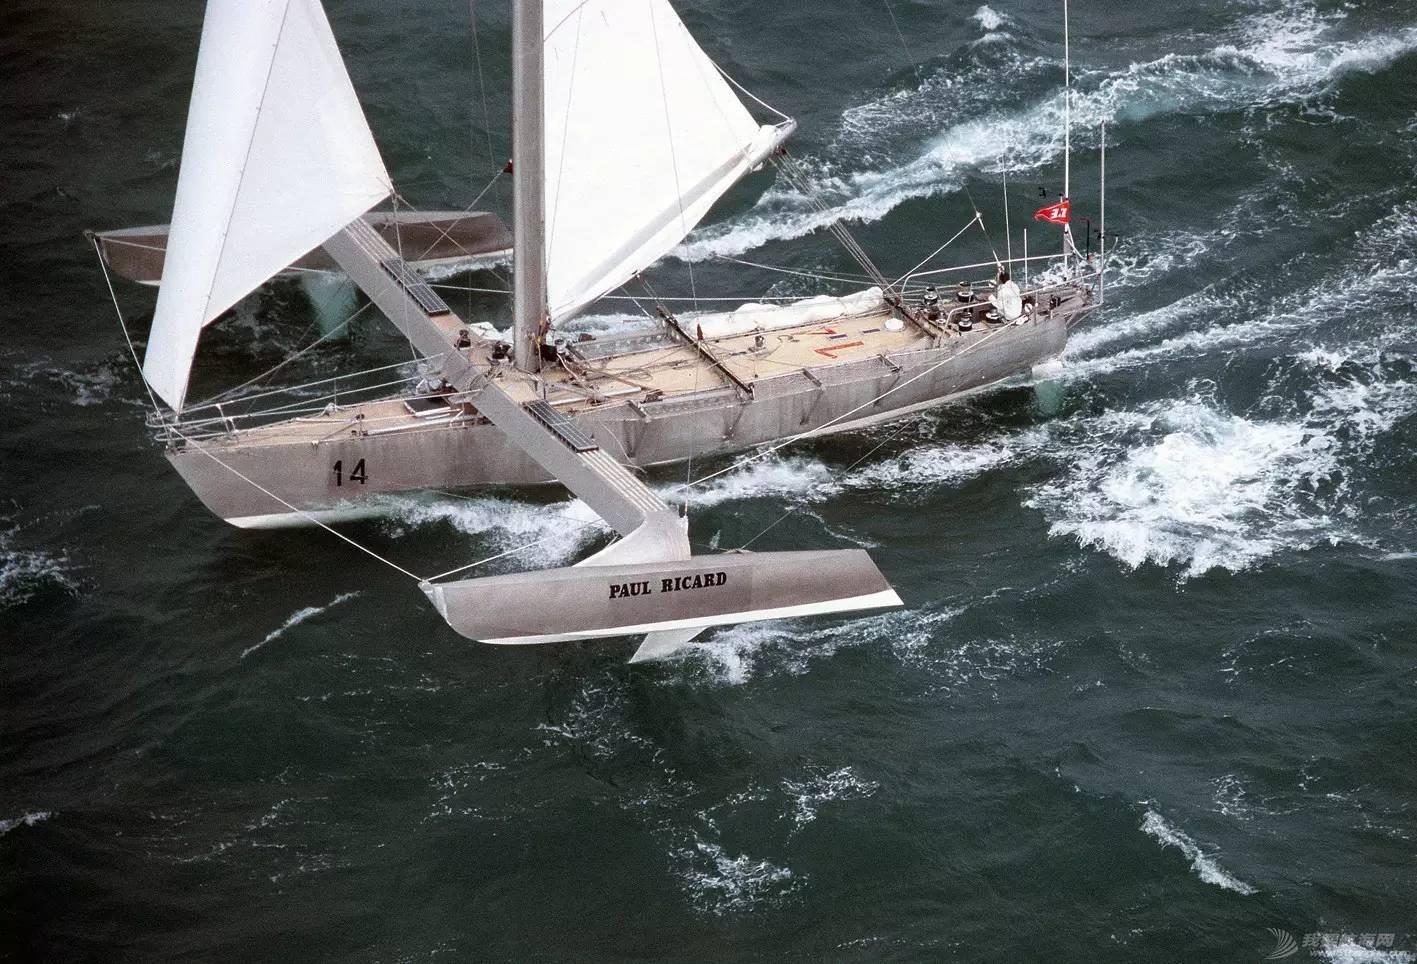 """帆船运动,美洲杯,旧金山,全世界,系列赛 帆船也能""""飞""""?---最具代表性的12艘水翼帆船 4a585260e61e68aa1bf271beda4faf0e.jpg"""